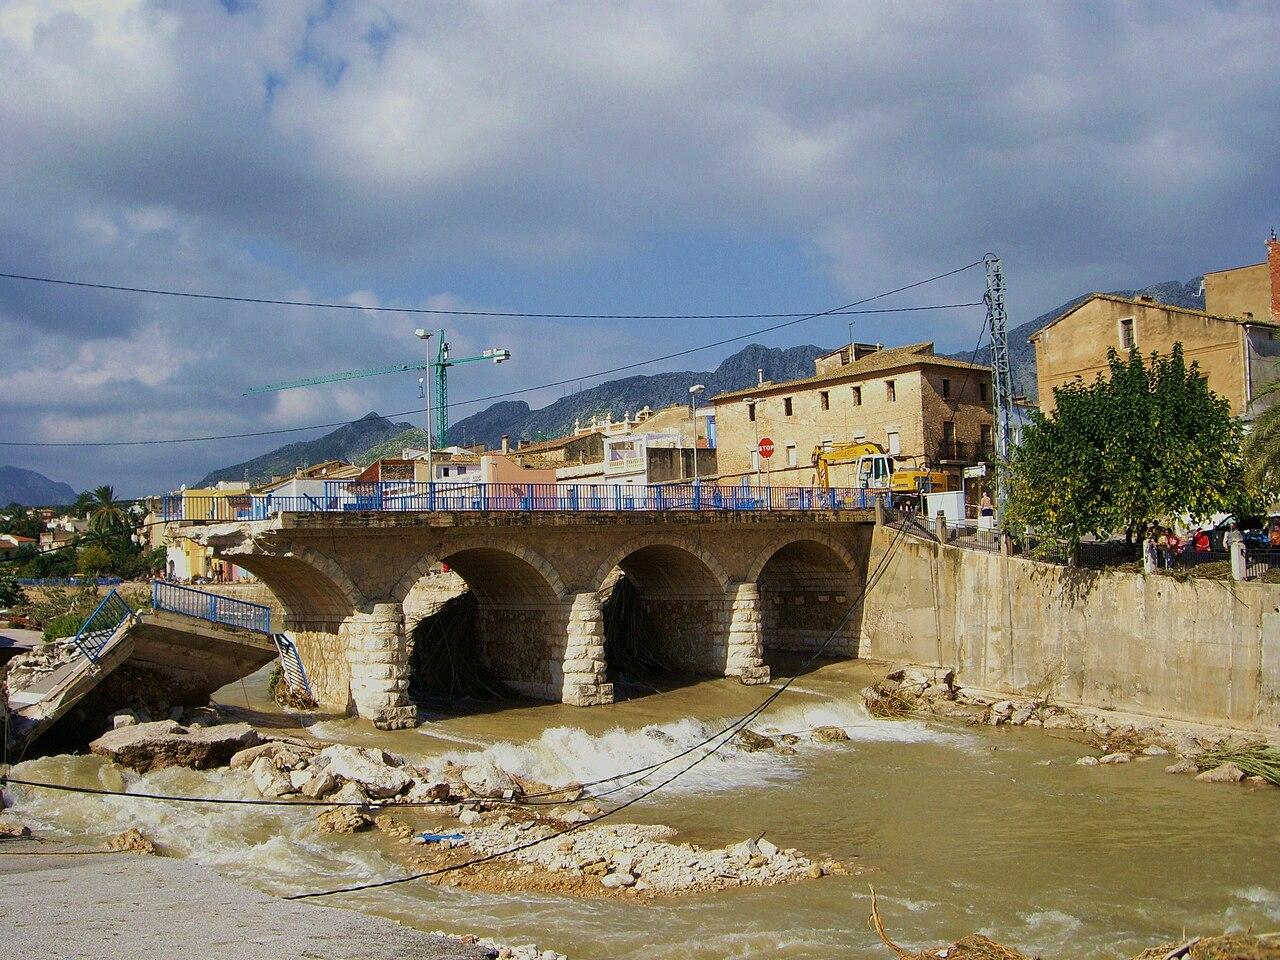 Imagen del puente de acceso a Beniarbeig destruido por la crecida del río Girona en 2007.